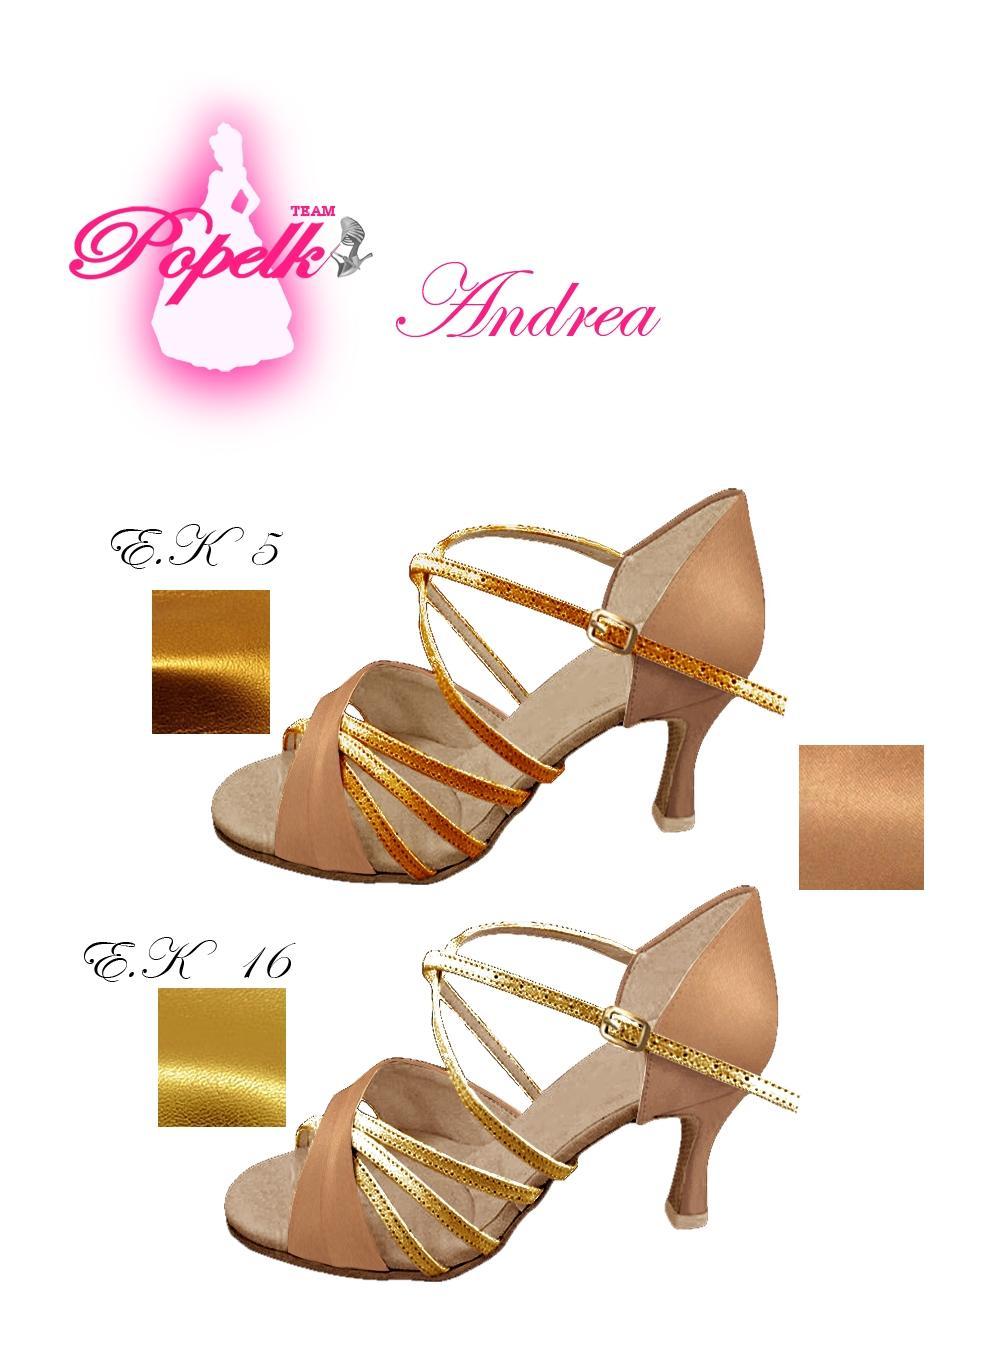 Svadobné topánky navrhni a uprav si ich podľa seba - inšpirácie zlatá - Obrázok č. 36